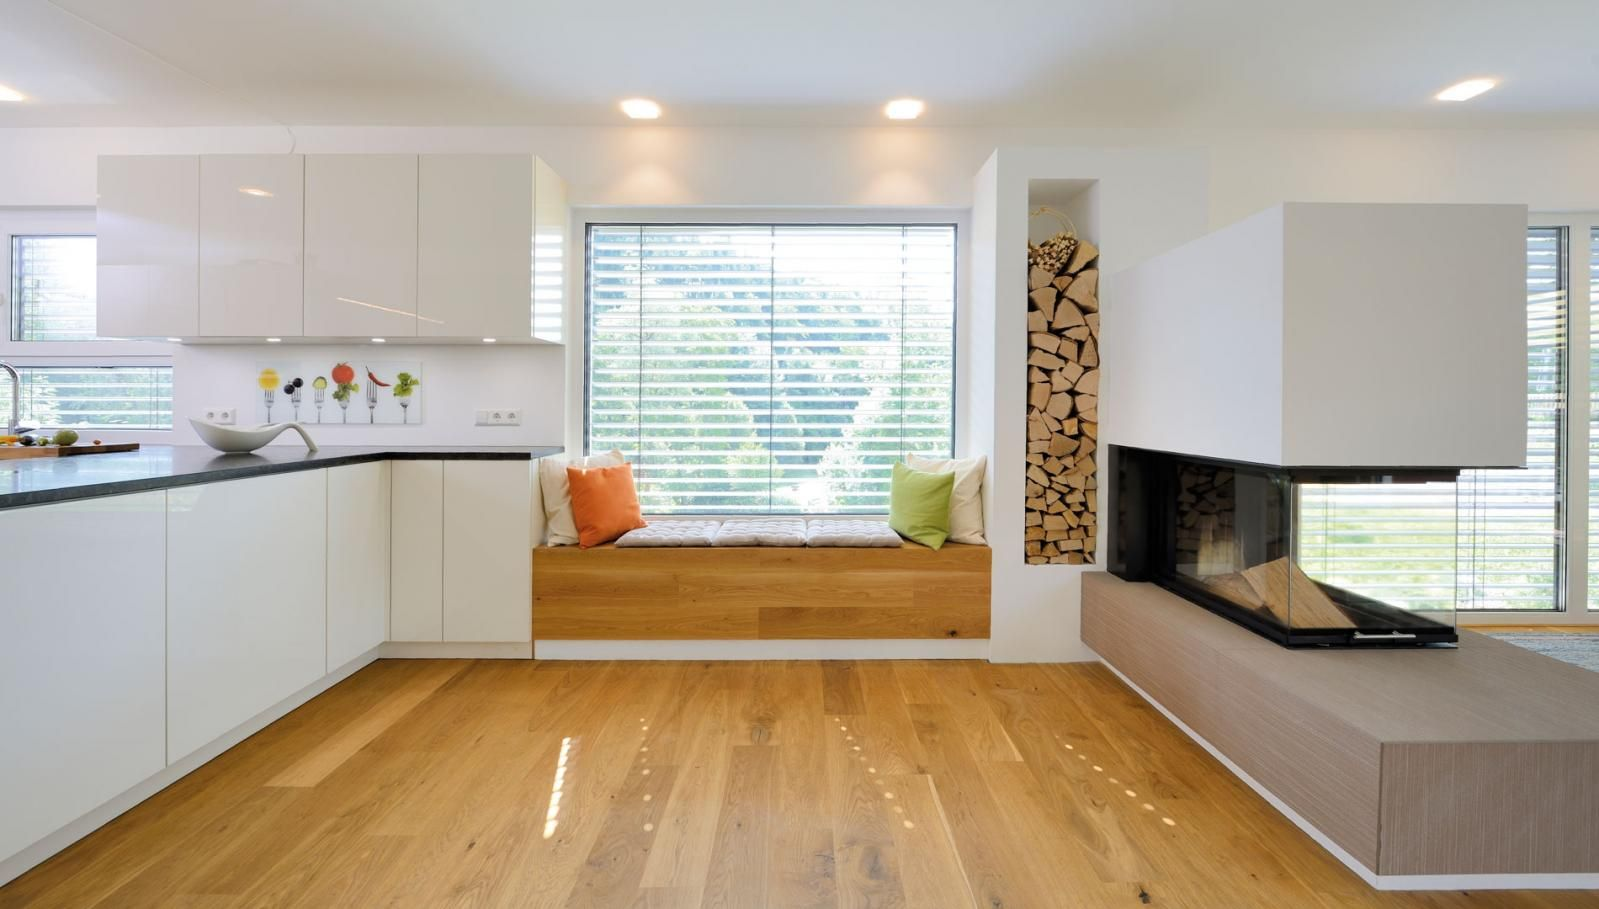 Gemütliches Sitzfenster zwischen Küche und Kamin | Haus Ingelfinger ...